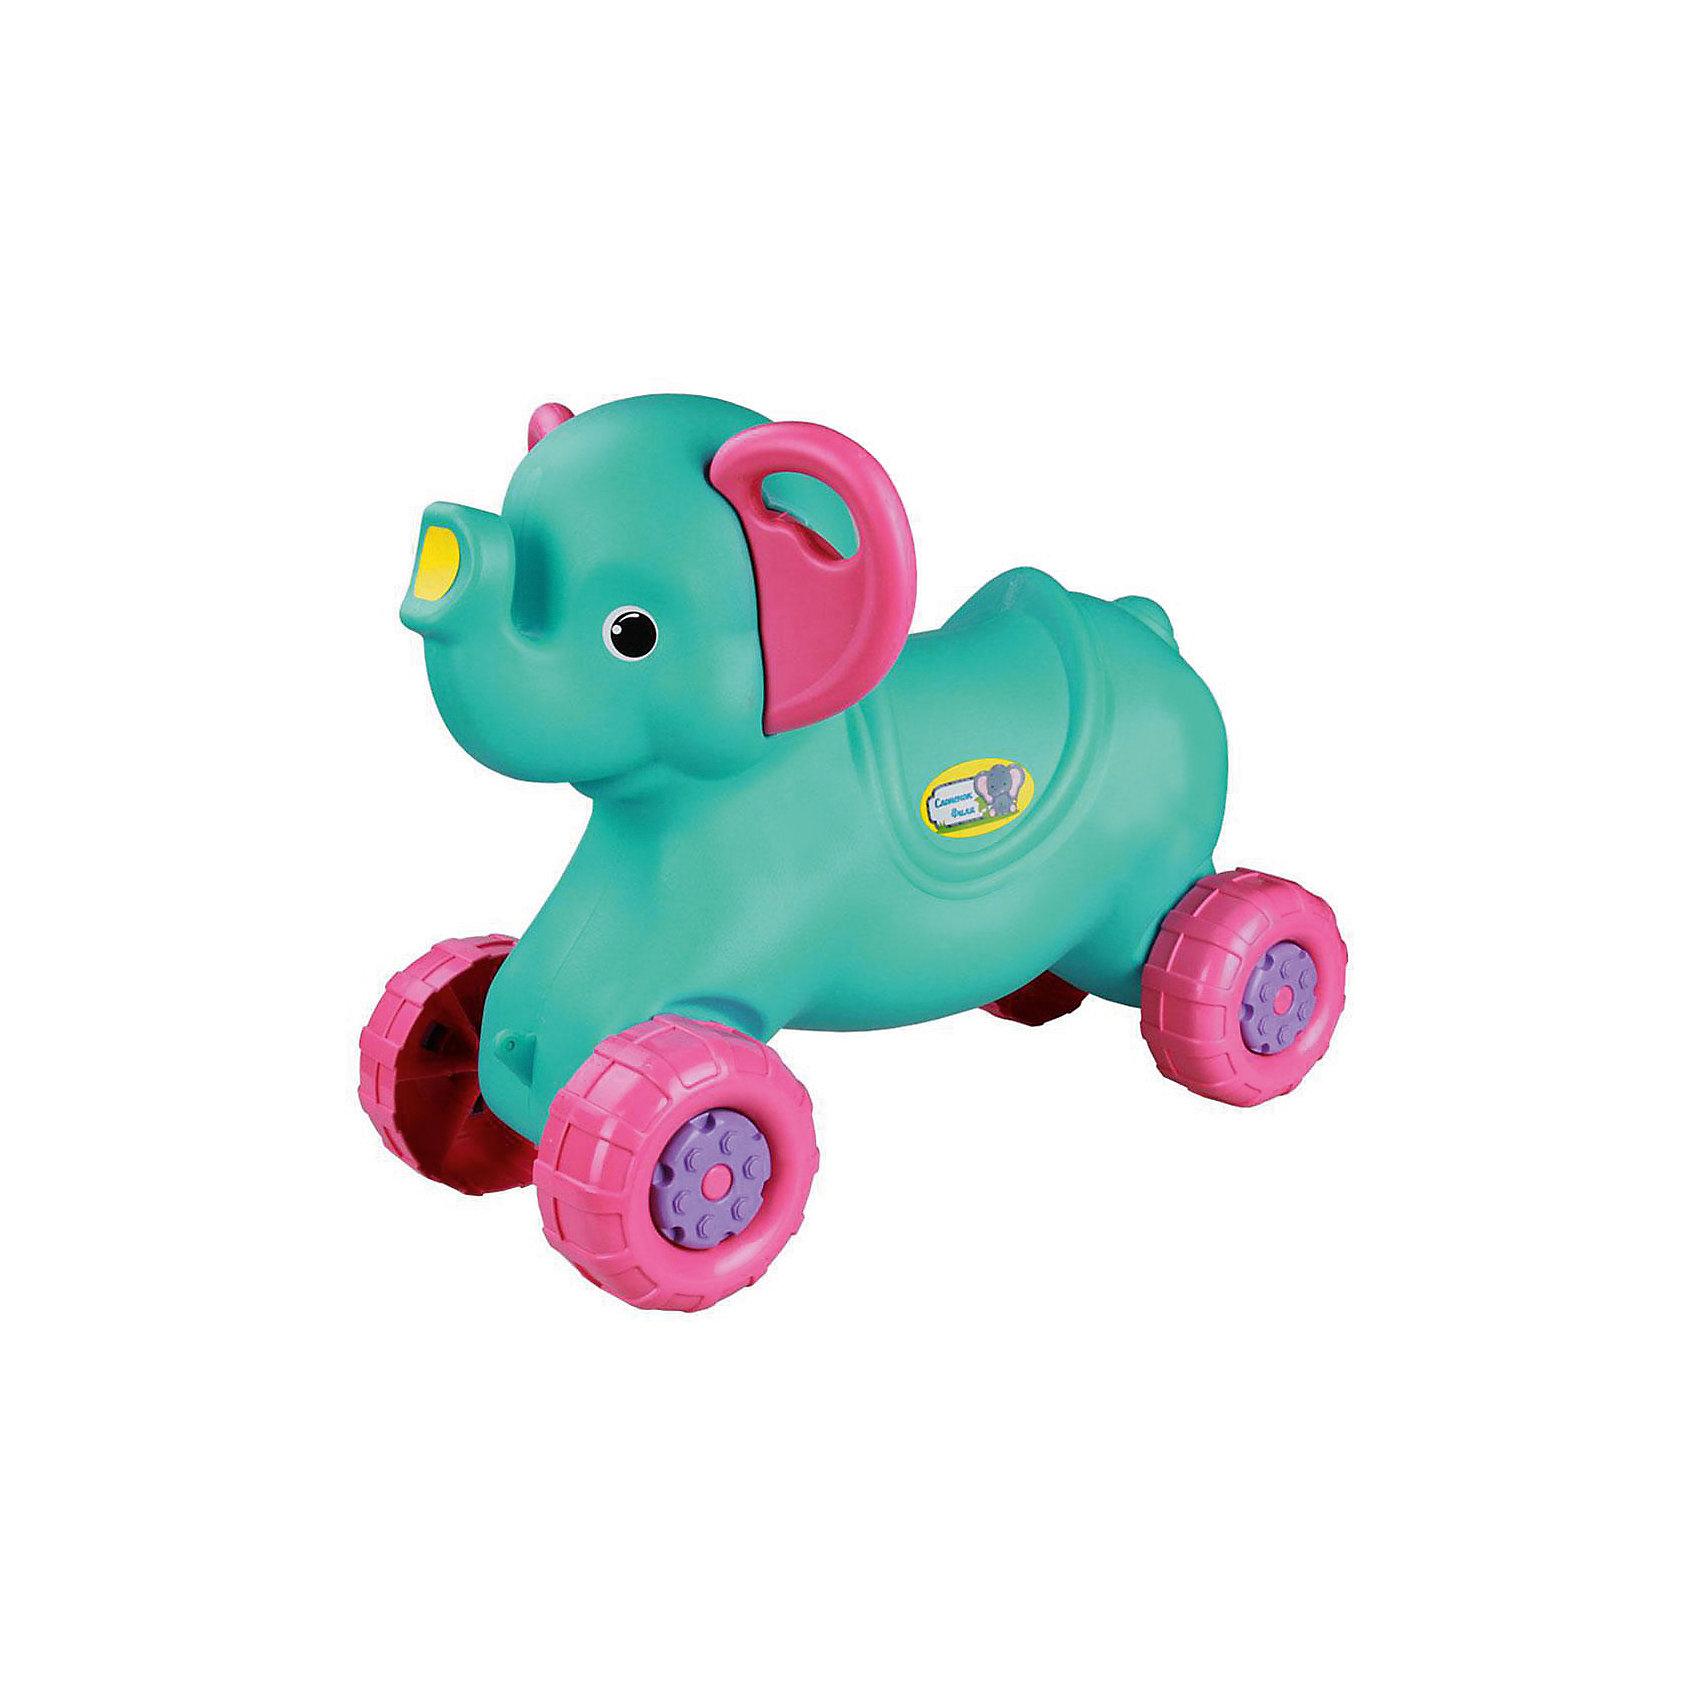 Каталка детская Слонёнок ,  Alternativa, бирюзовыйМашинки-каталки<br>Забавная каталка Слоненок имеет удобное сидение и приятный дизайн, который непременно понравится крохе. Кататься на этом слоненке будет очень весело!<br><br>Дополнительная информация:<br>Материал: пластик<br>Цвет: бирюзовый<br>Размер: 64х36х50 см<br><br>Вы можете приобрести каталку Слоненок в нашем интернет-магазине.<br><br>Ширина мм: 640<br>Глубина мм: 500<br>Высота мм: 360<br>Вес г: 2364<br>Возраст от месяцев: 36<br>Возраст до месяцев: 144<br>Пол: Унисекс<br>Возраст: Детский<br>SKU: 4979695